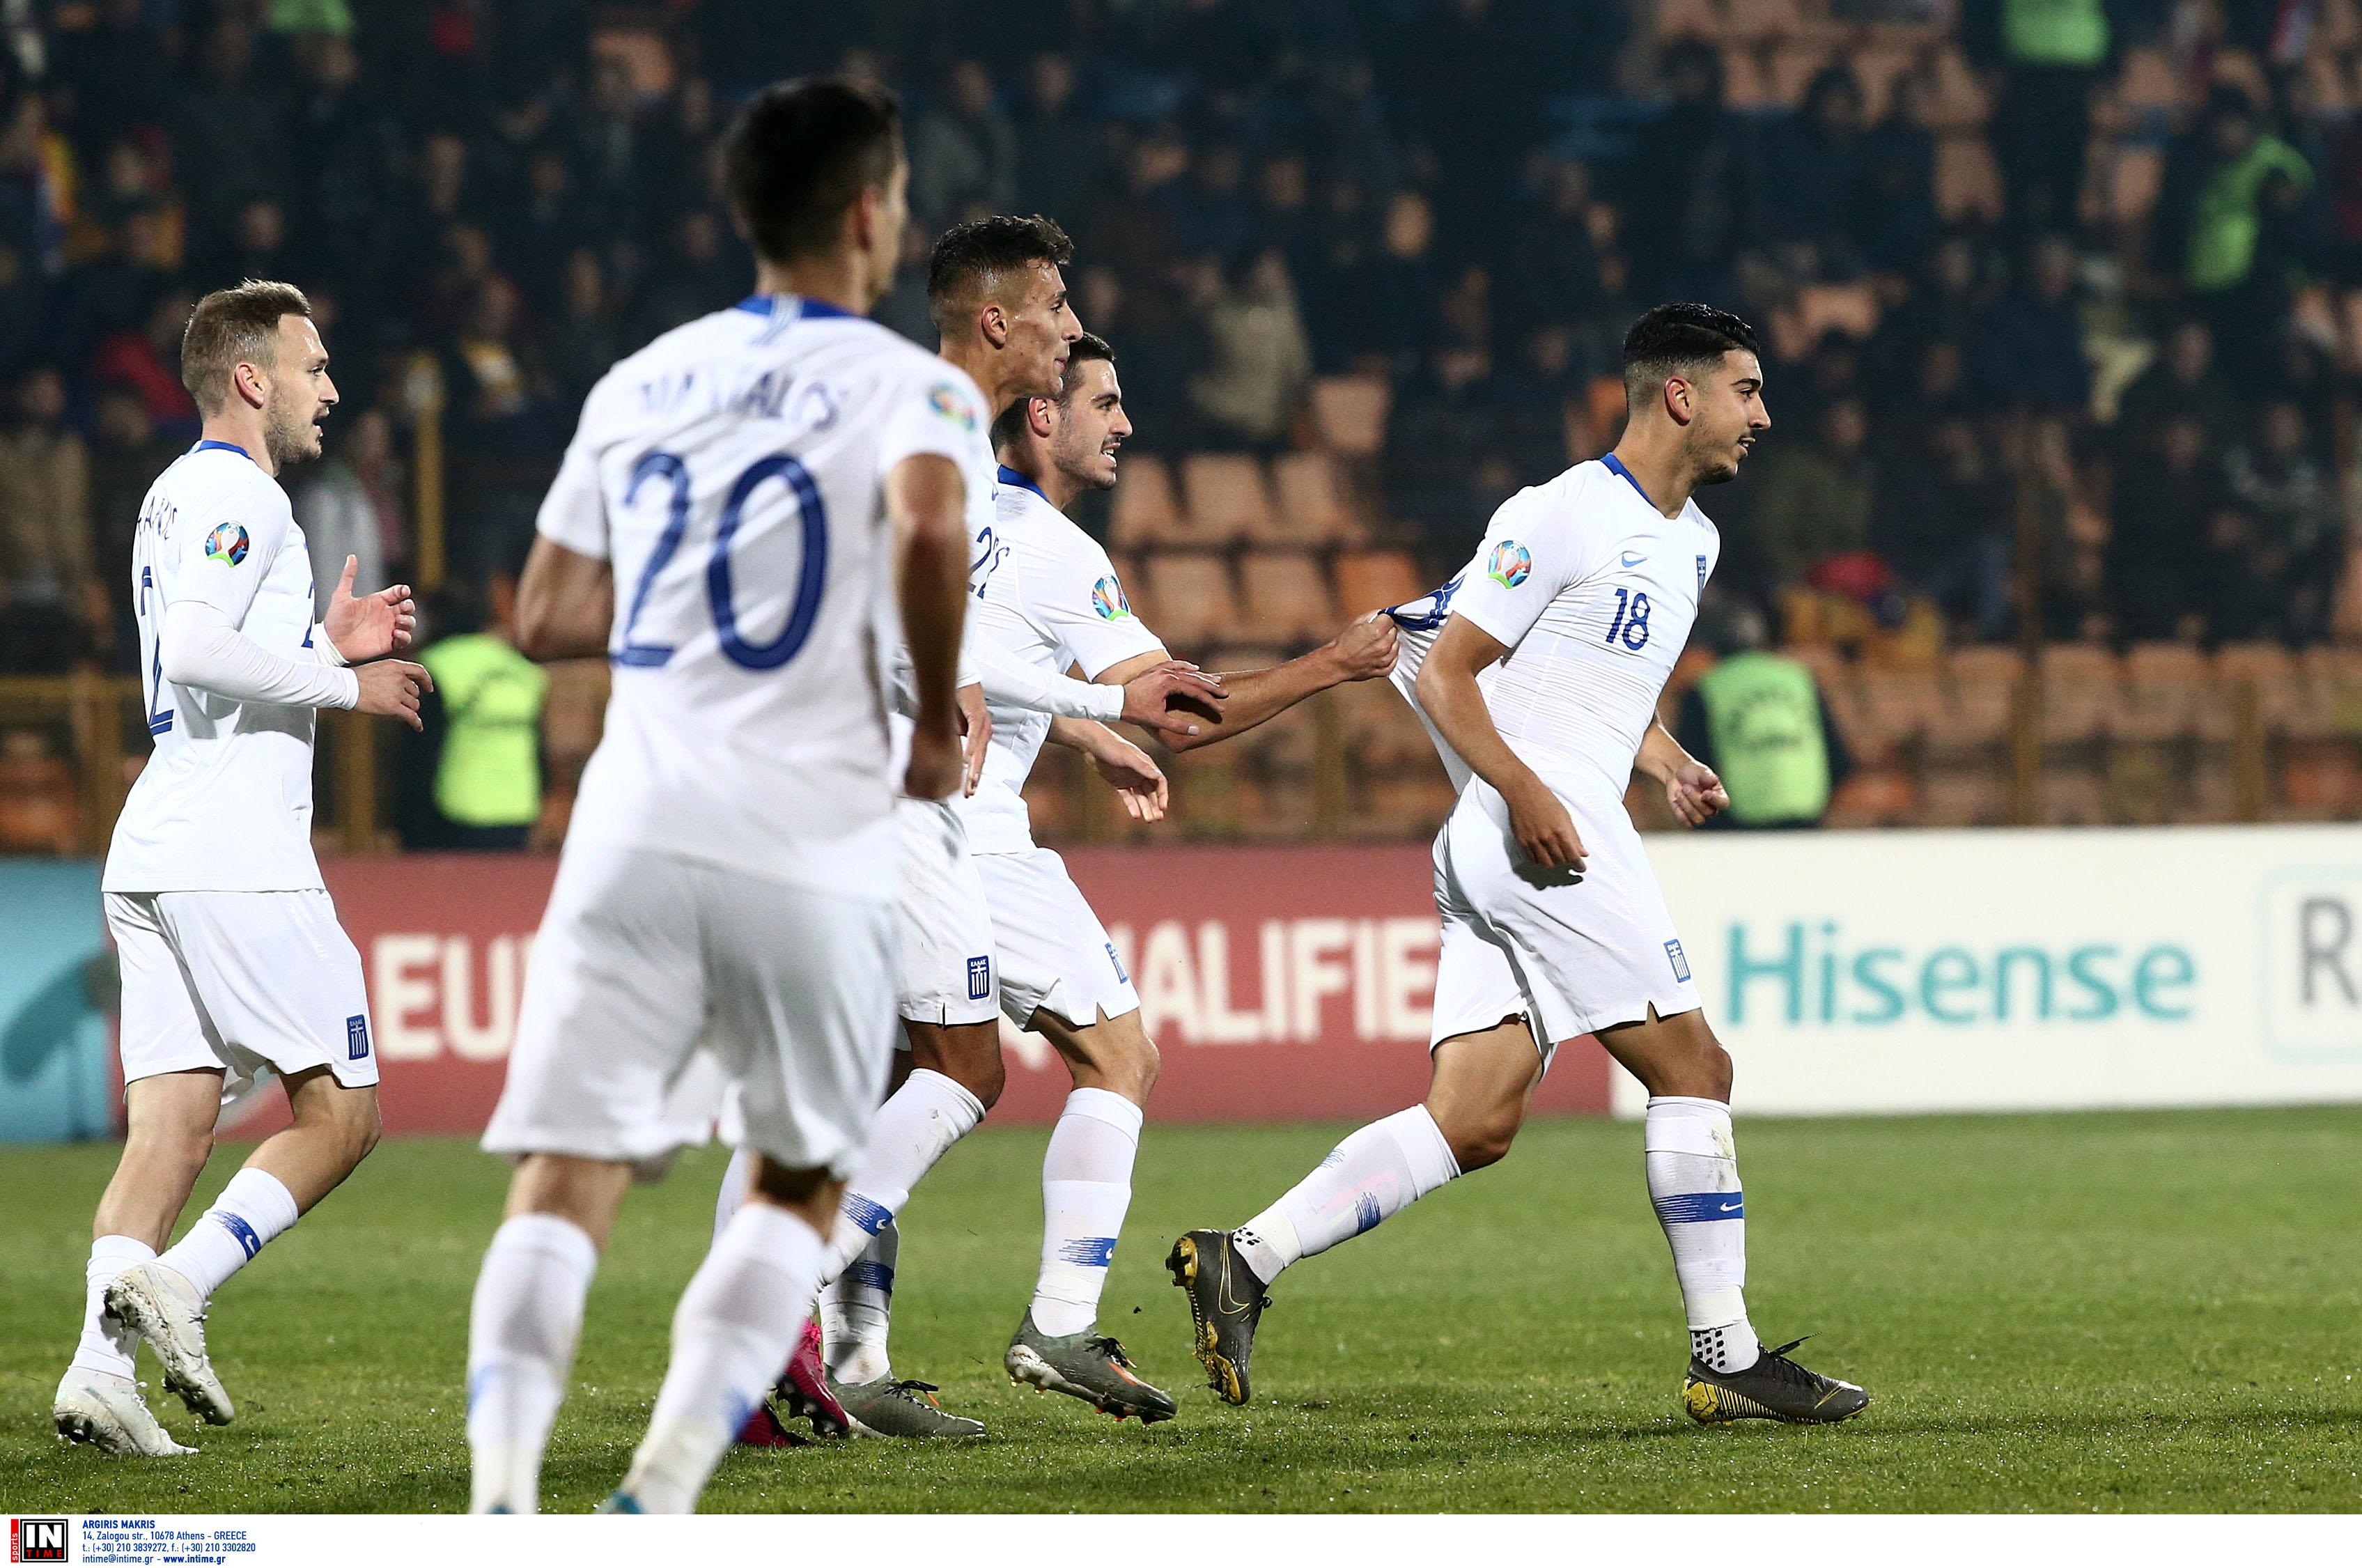 Αρμενία – Ελλάδα 0-1 ΤΕΛΙΚΟ: Νίκη με… total football για την Εθνική!